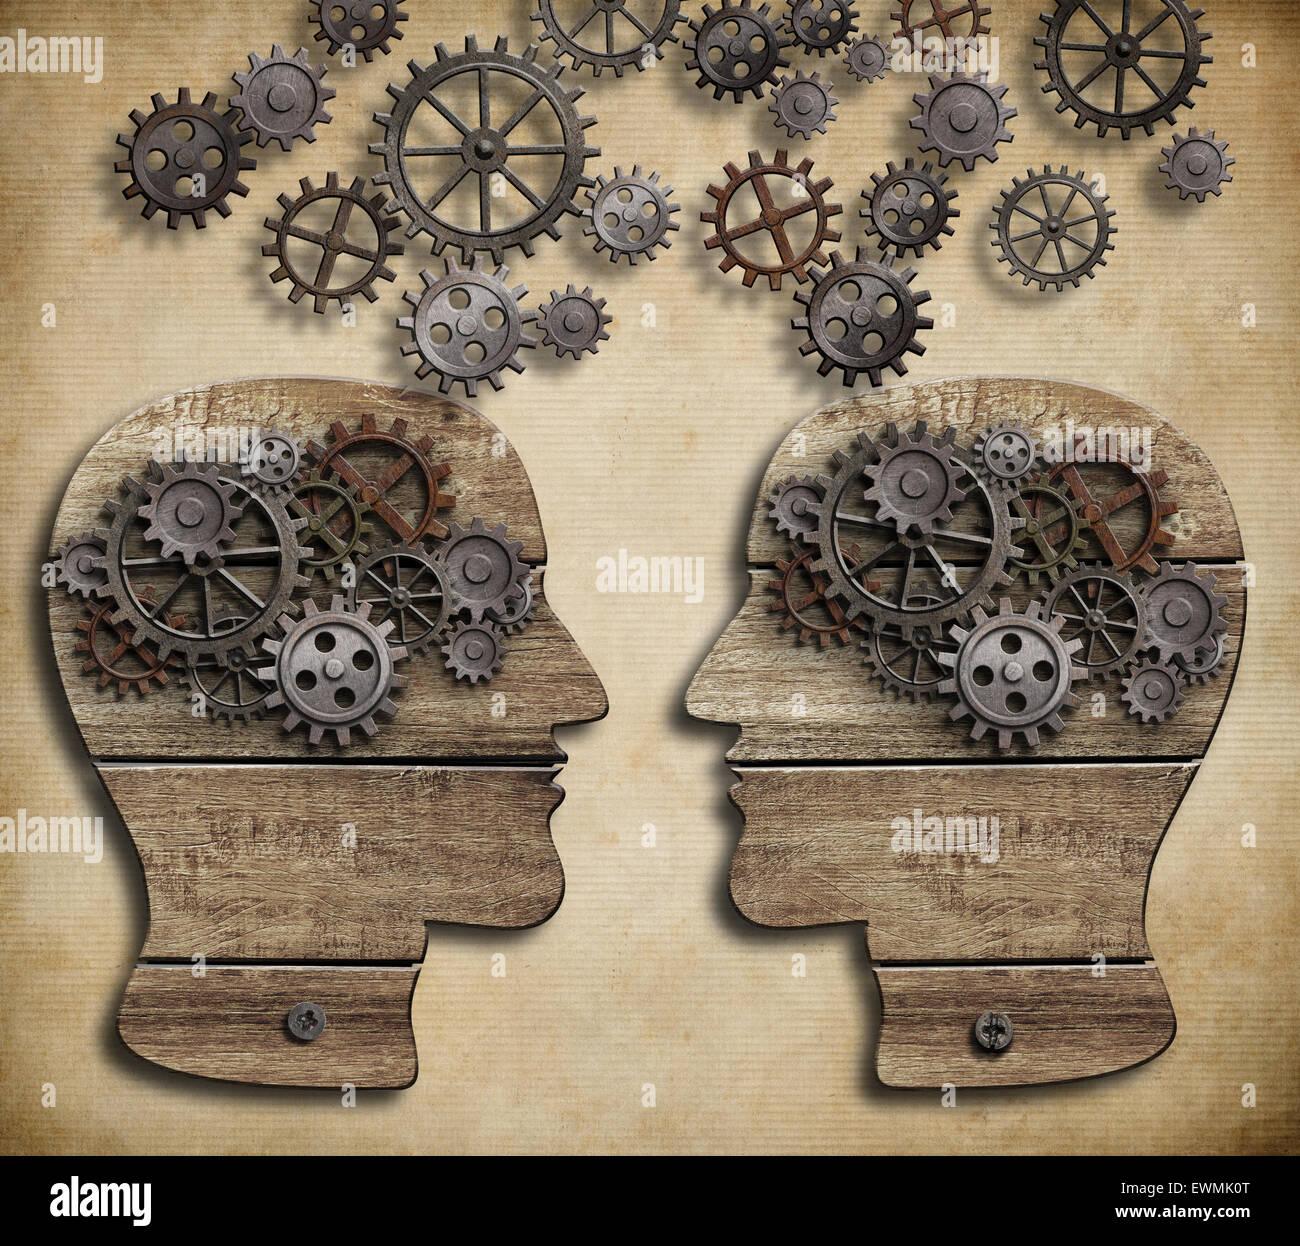 Konzept der Kommunikation, Dialog, Austausch von Informationen Stockbild